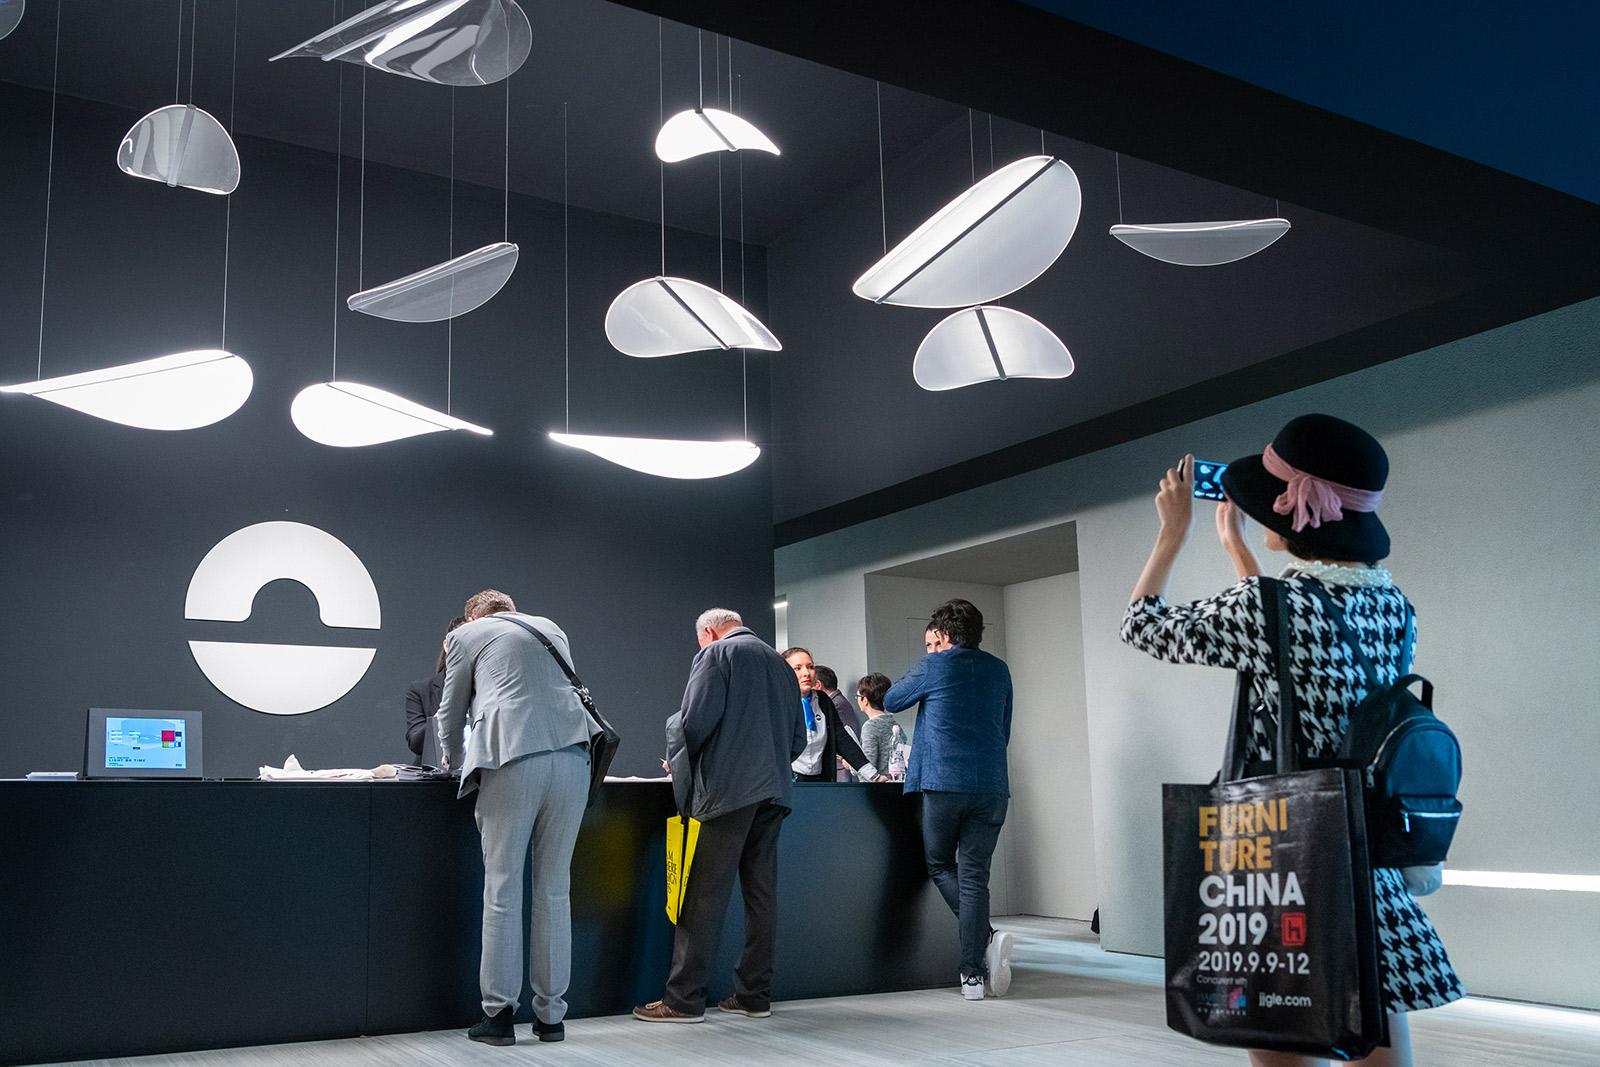 Plafoniera Ufficio Design : Linea light group: illuminazione led professionale e di design